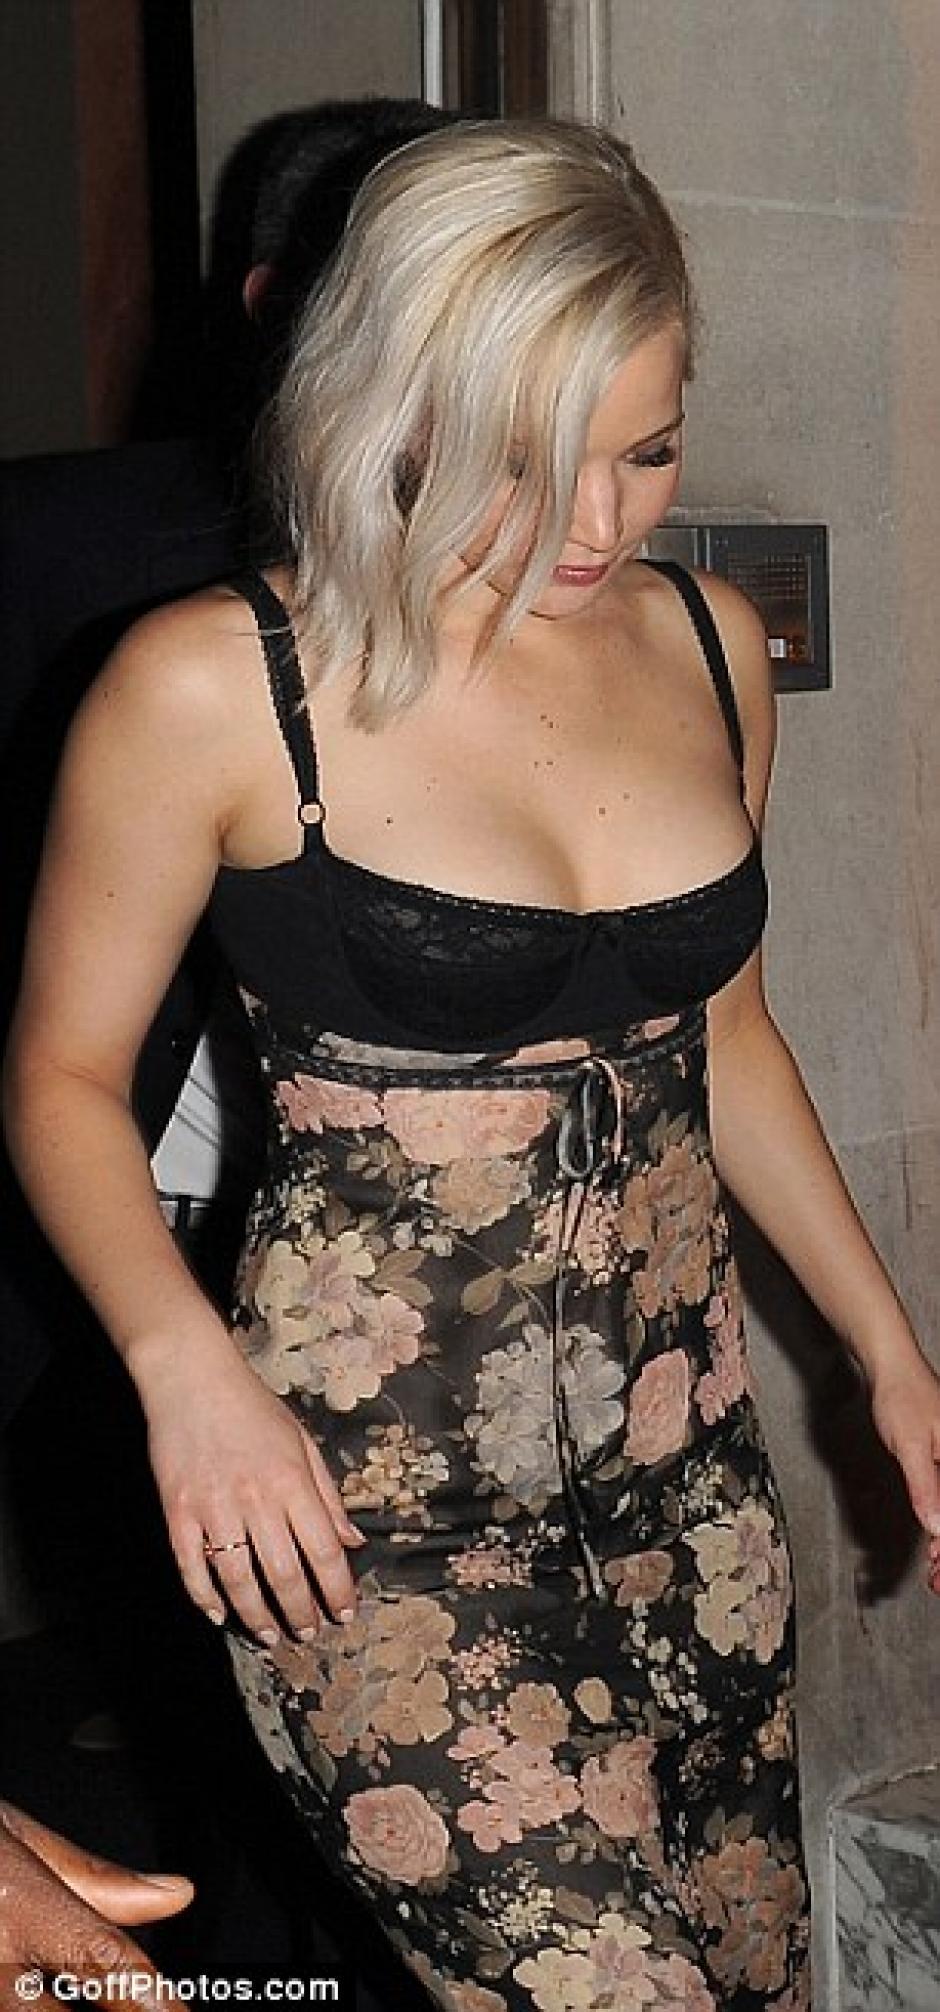 La actriz seguía fabulosa a pesar del desvelo. (foto: Will Alexander/WENN.com)